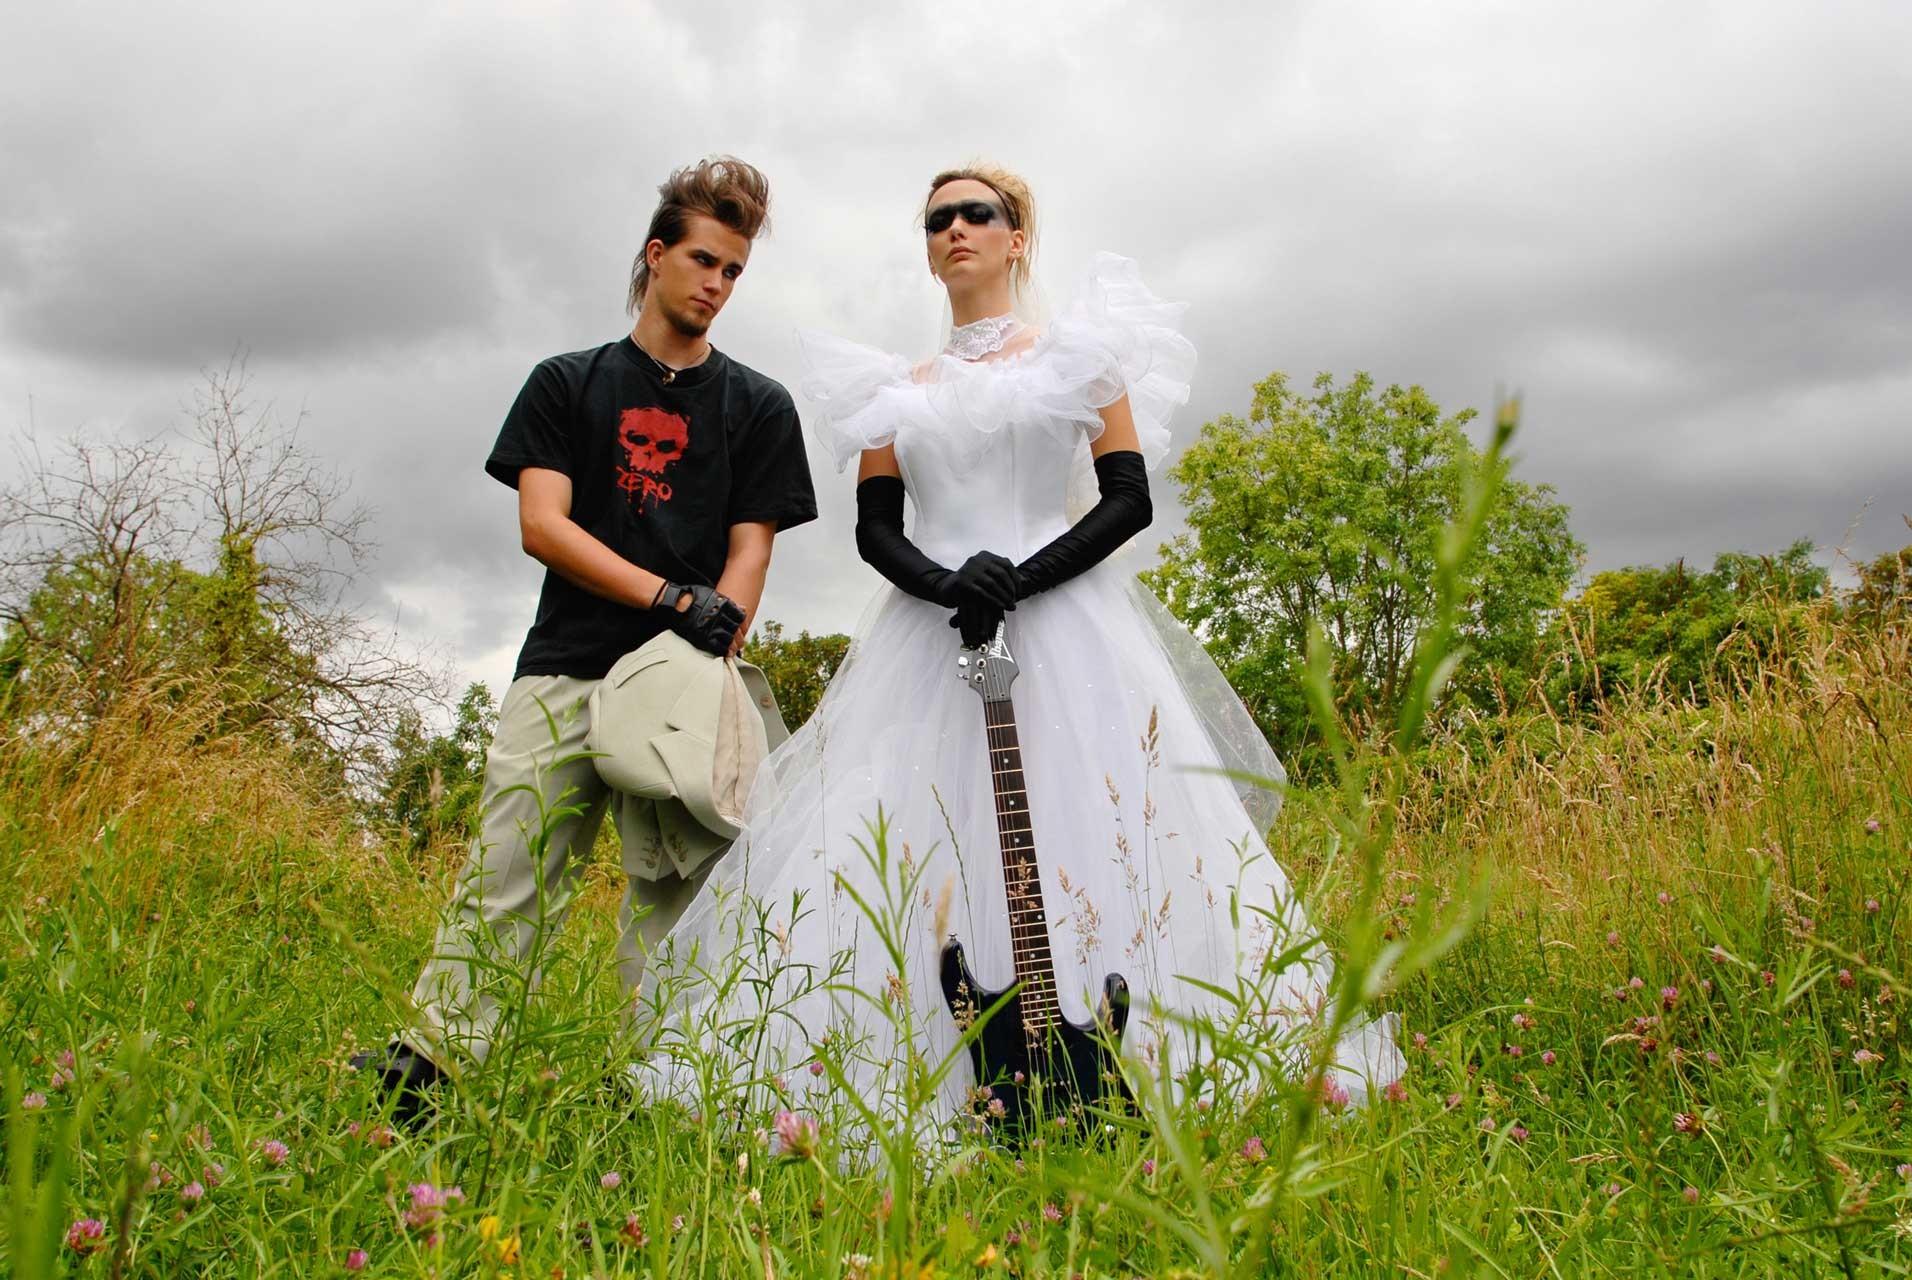 Laure-Maud_12_photographe_mode-ethique-fashion-DIY_100-pour-100-recyle